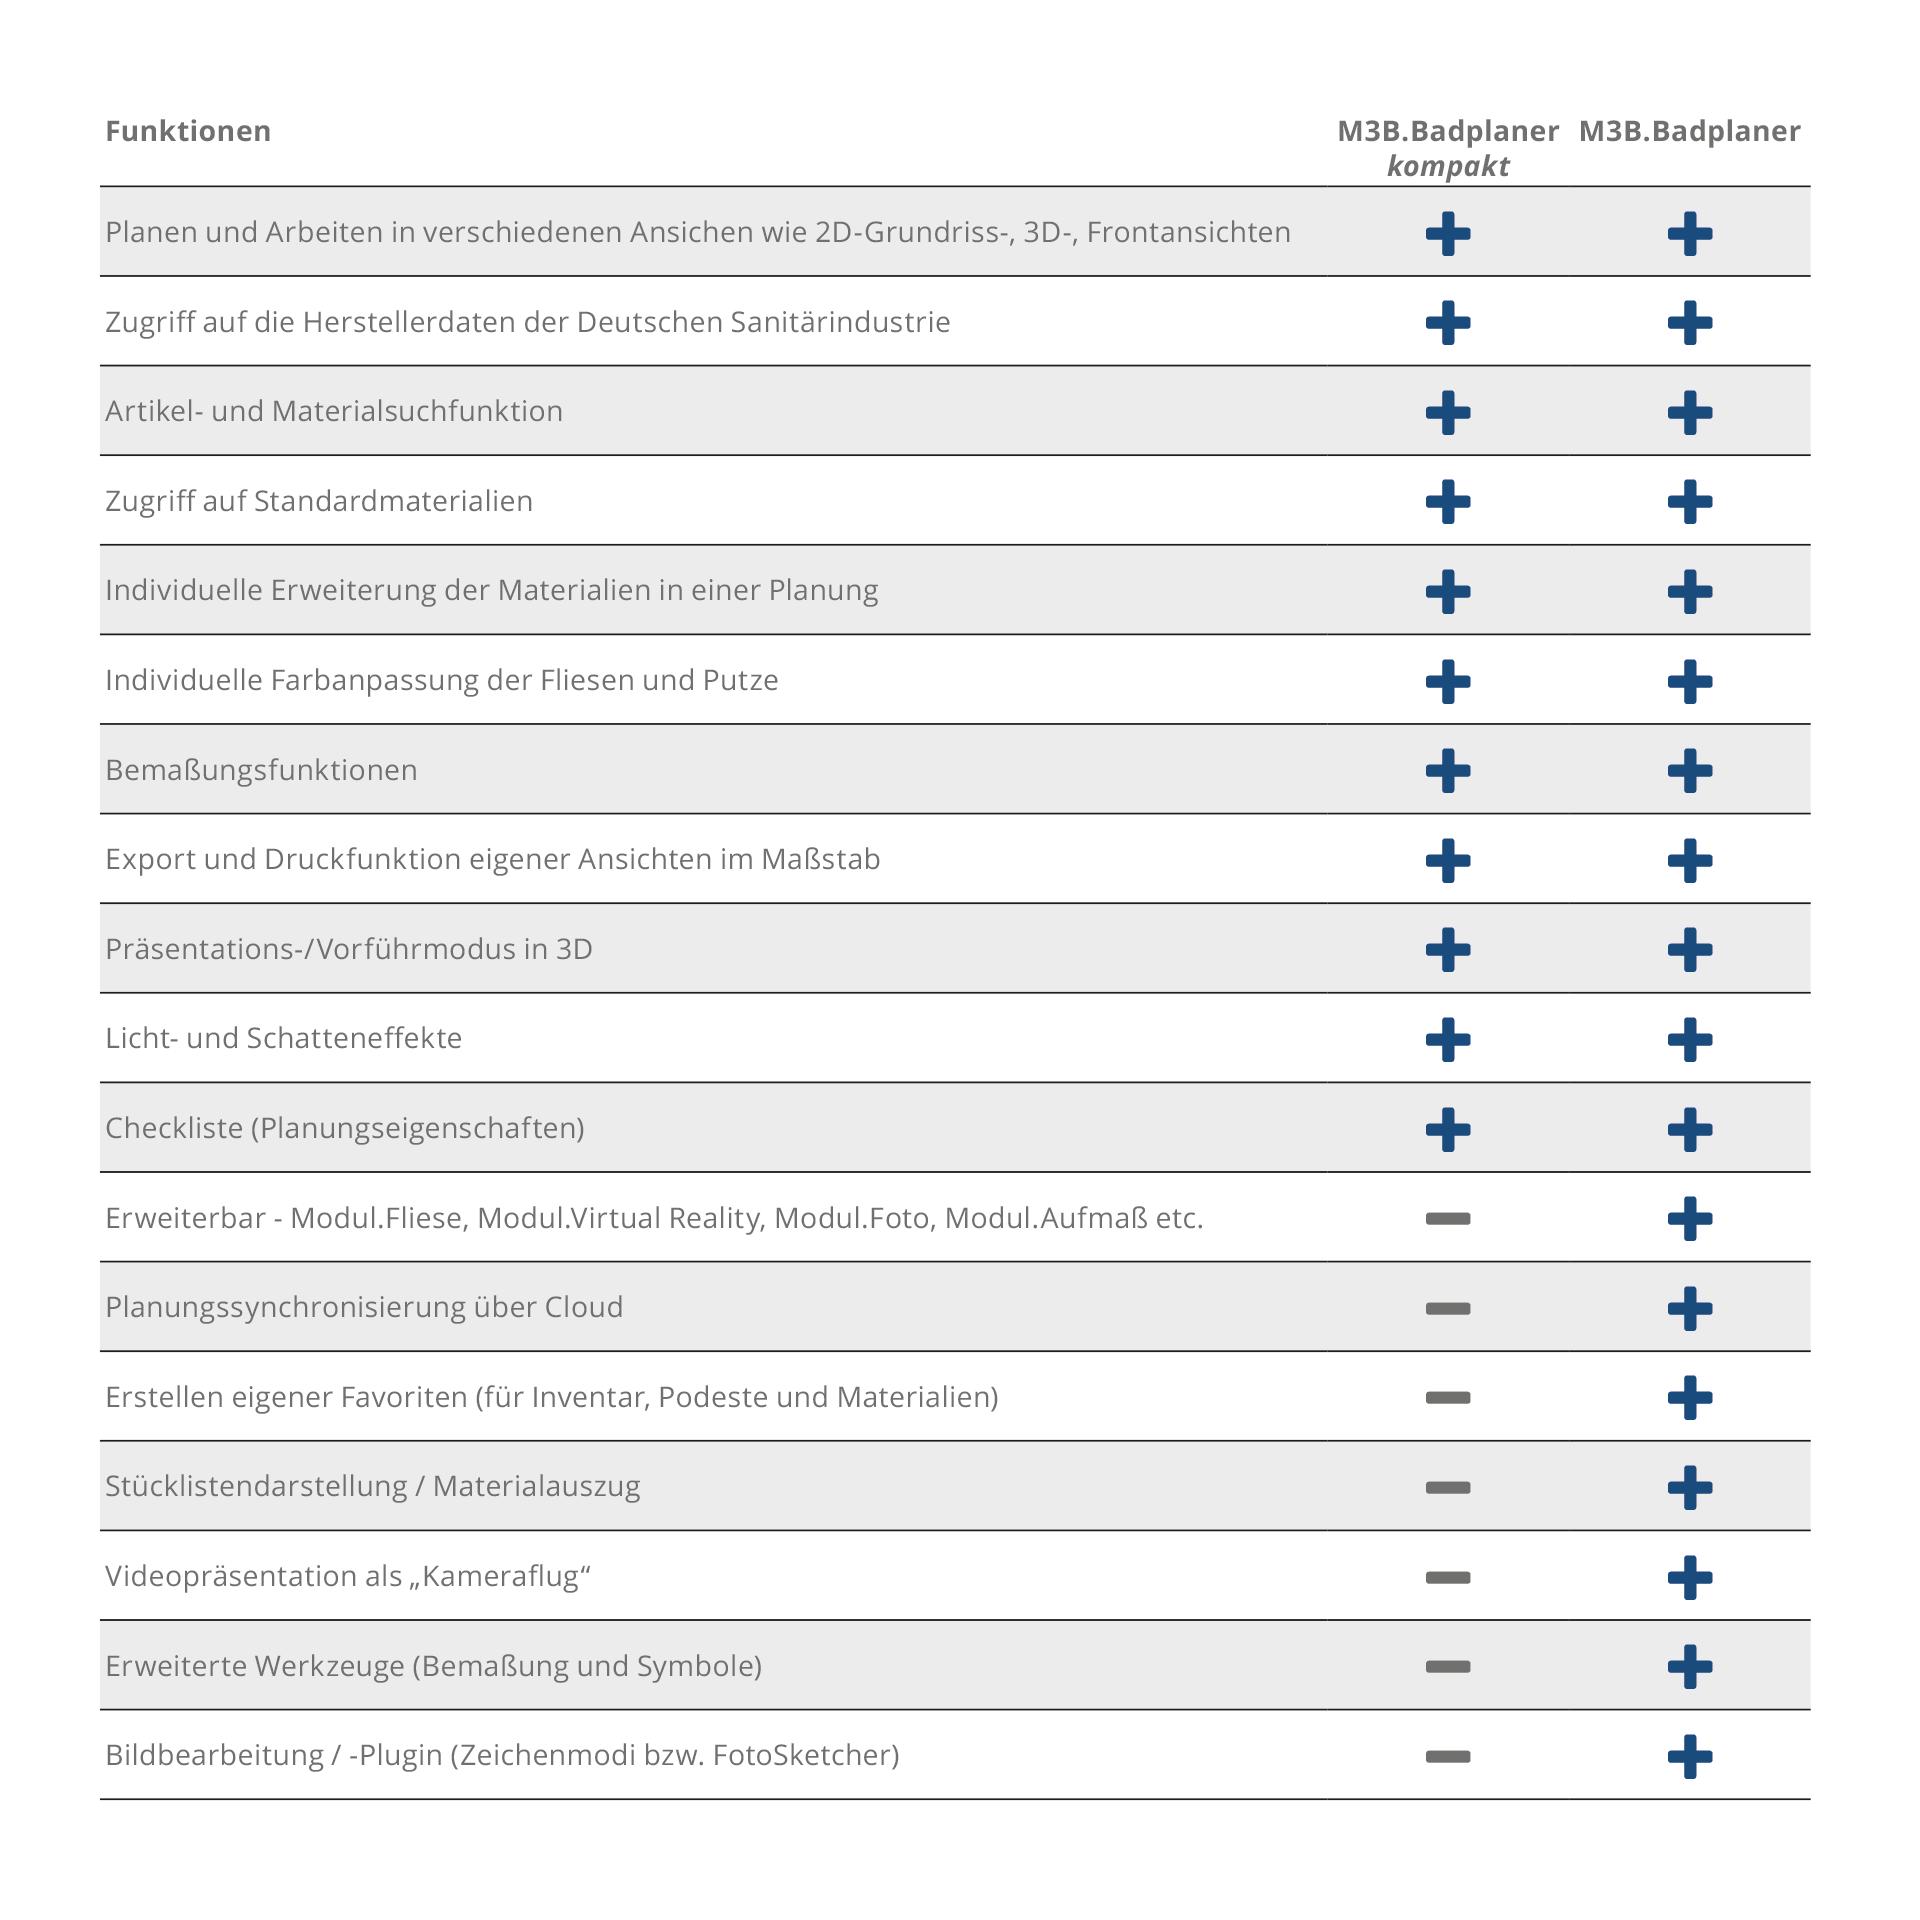 Vergleich von Versionen der 3D Badplanungssoftware